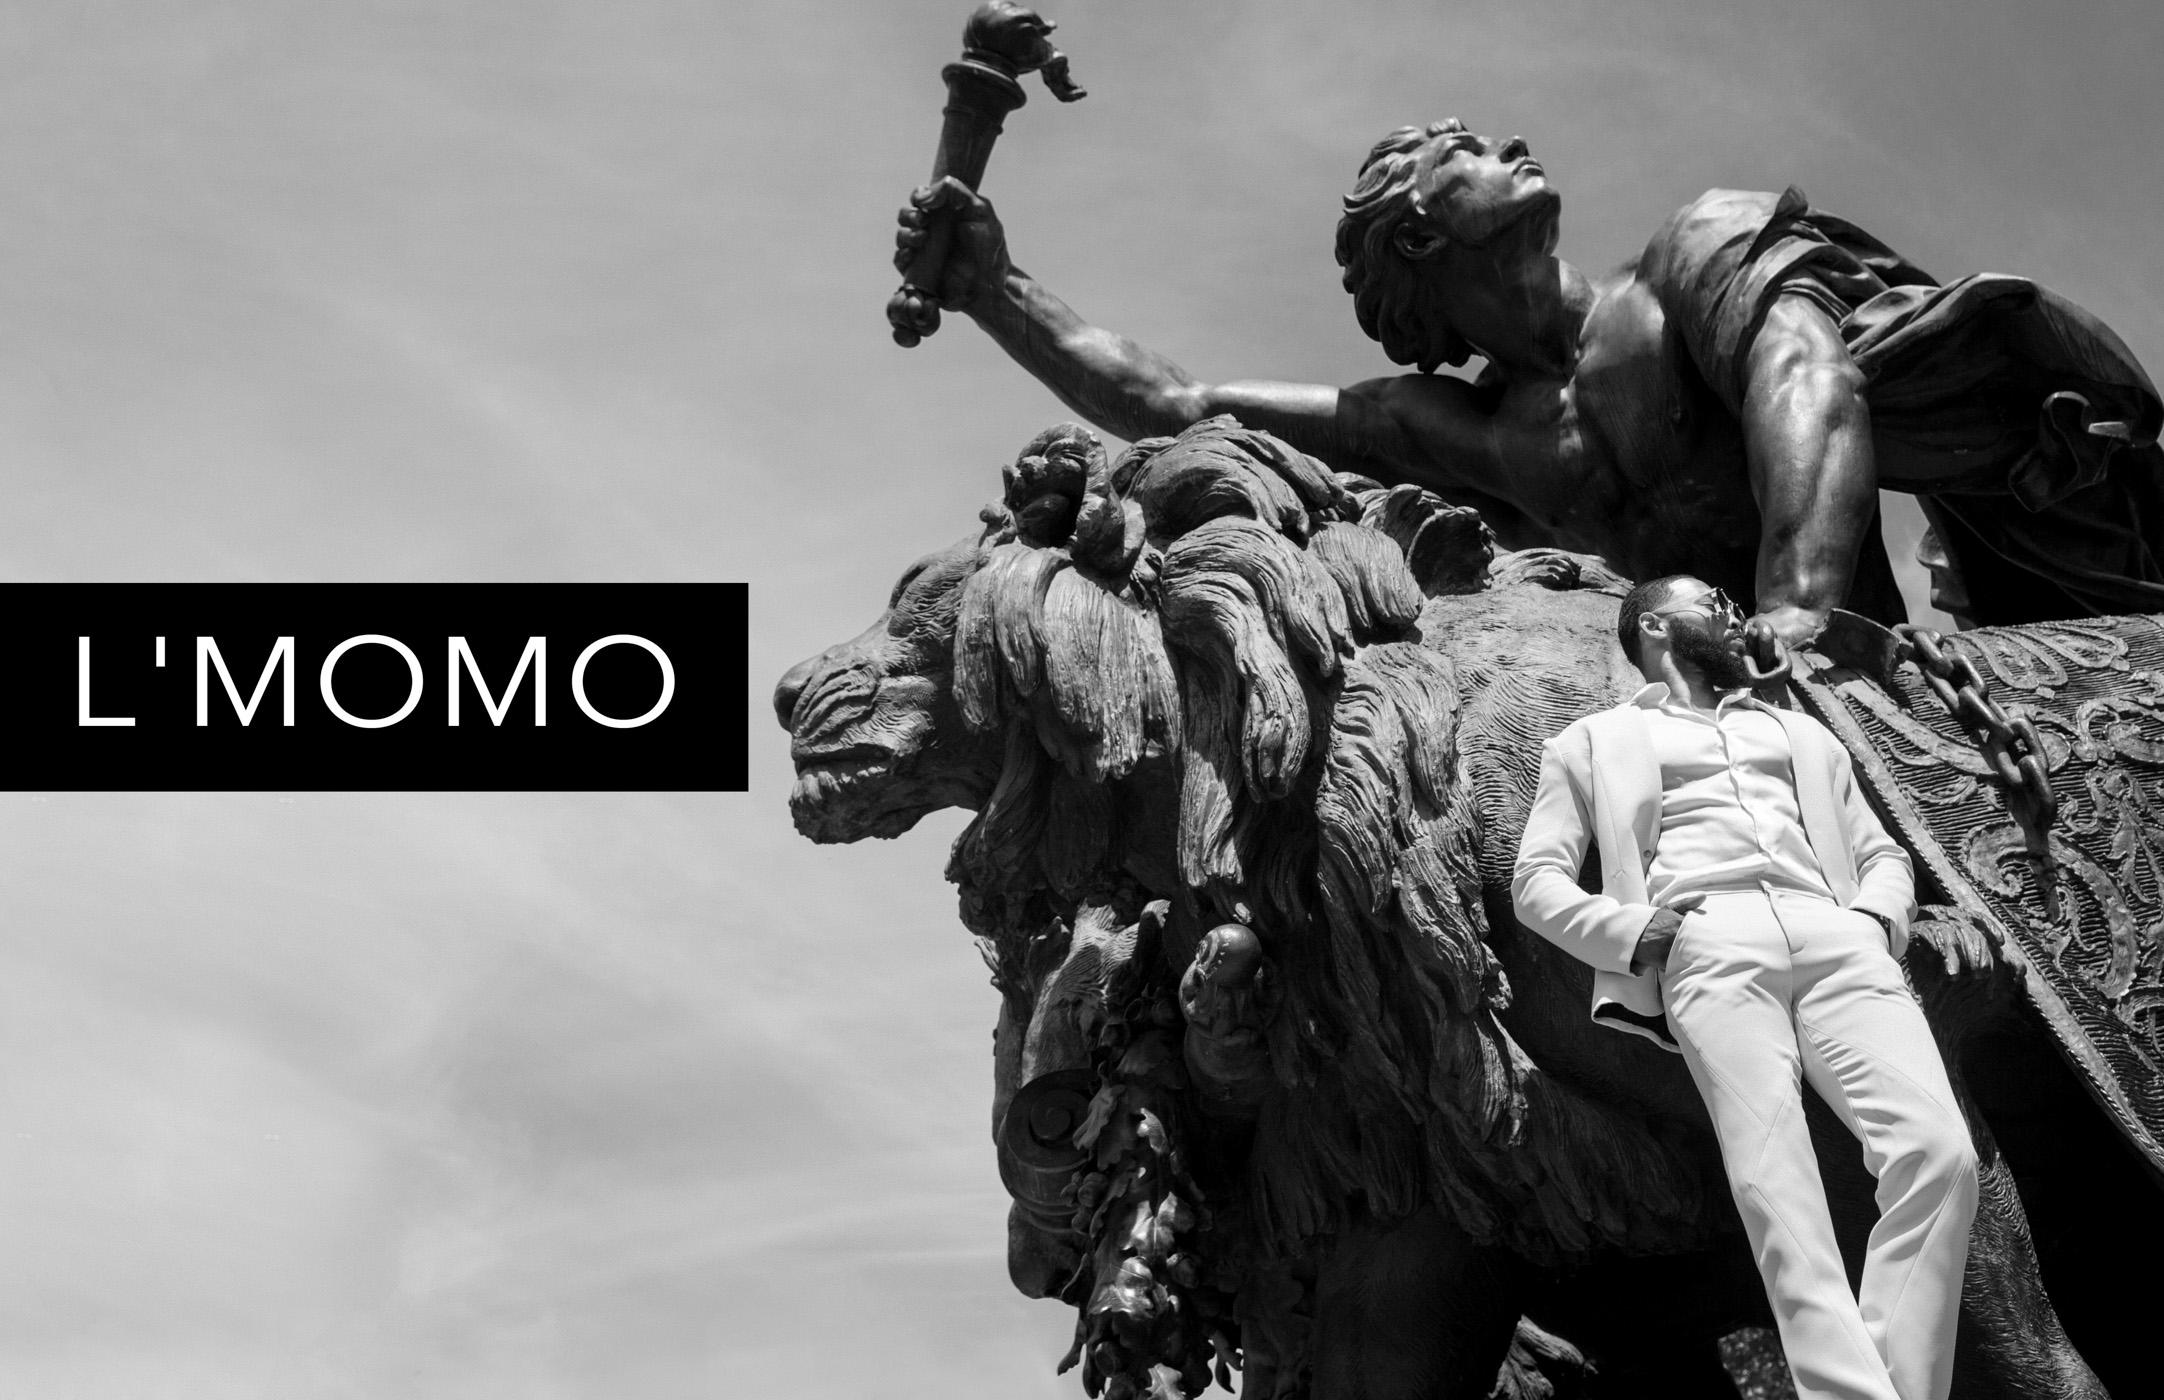 L'MOMO Campaign